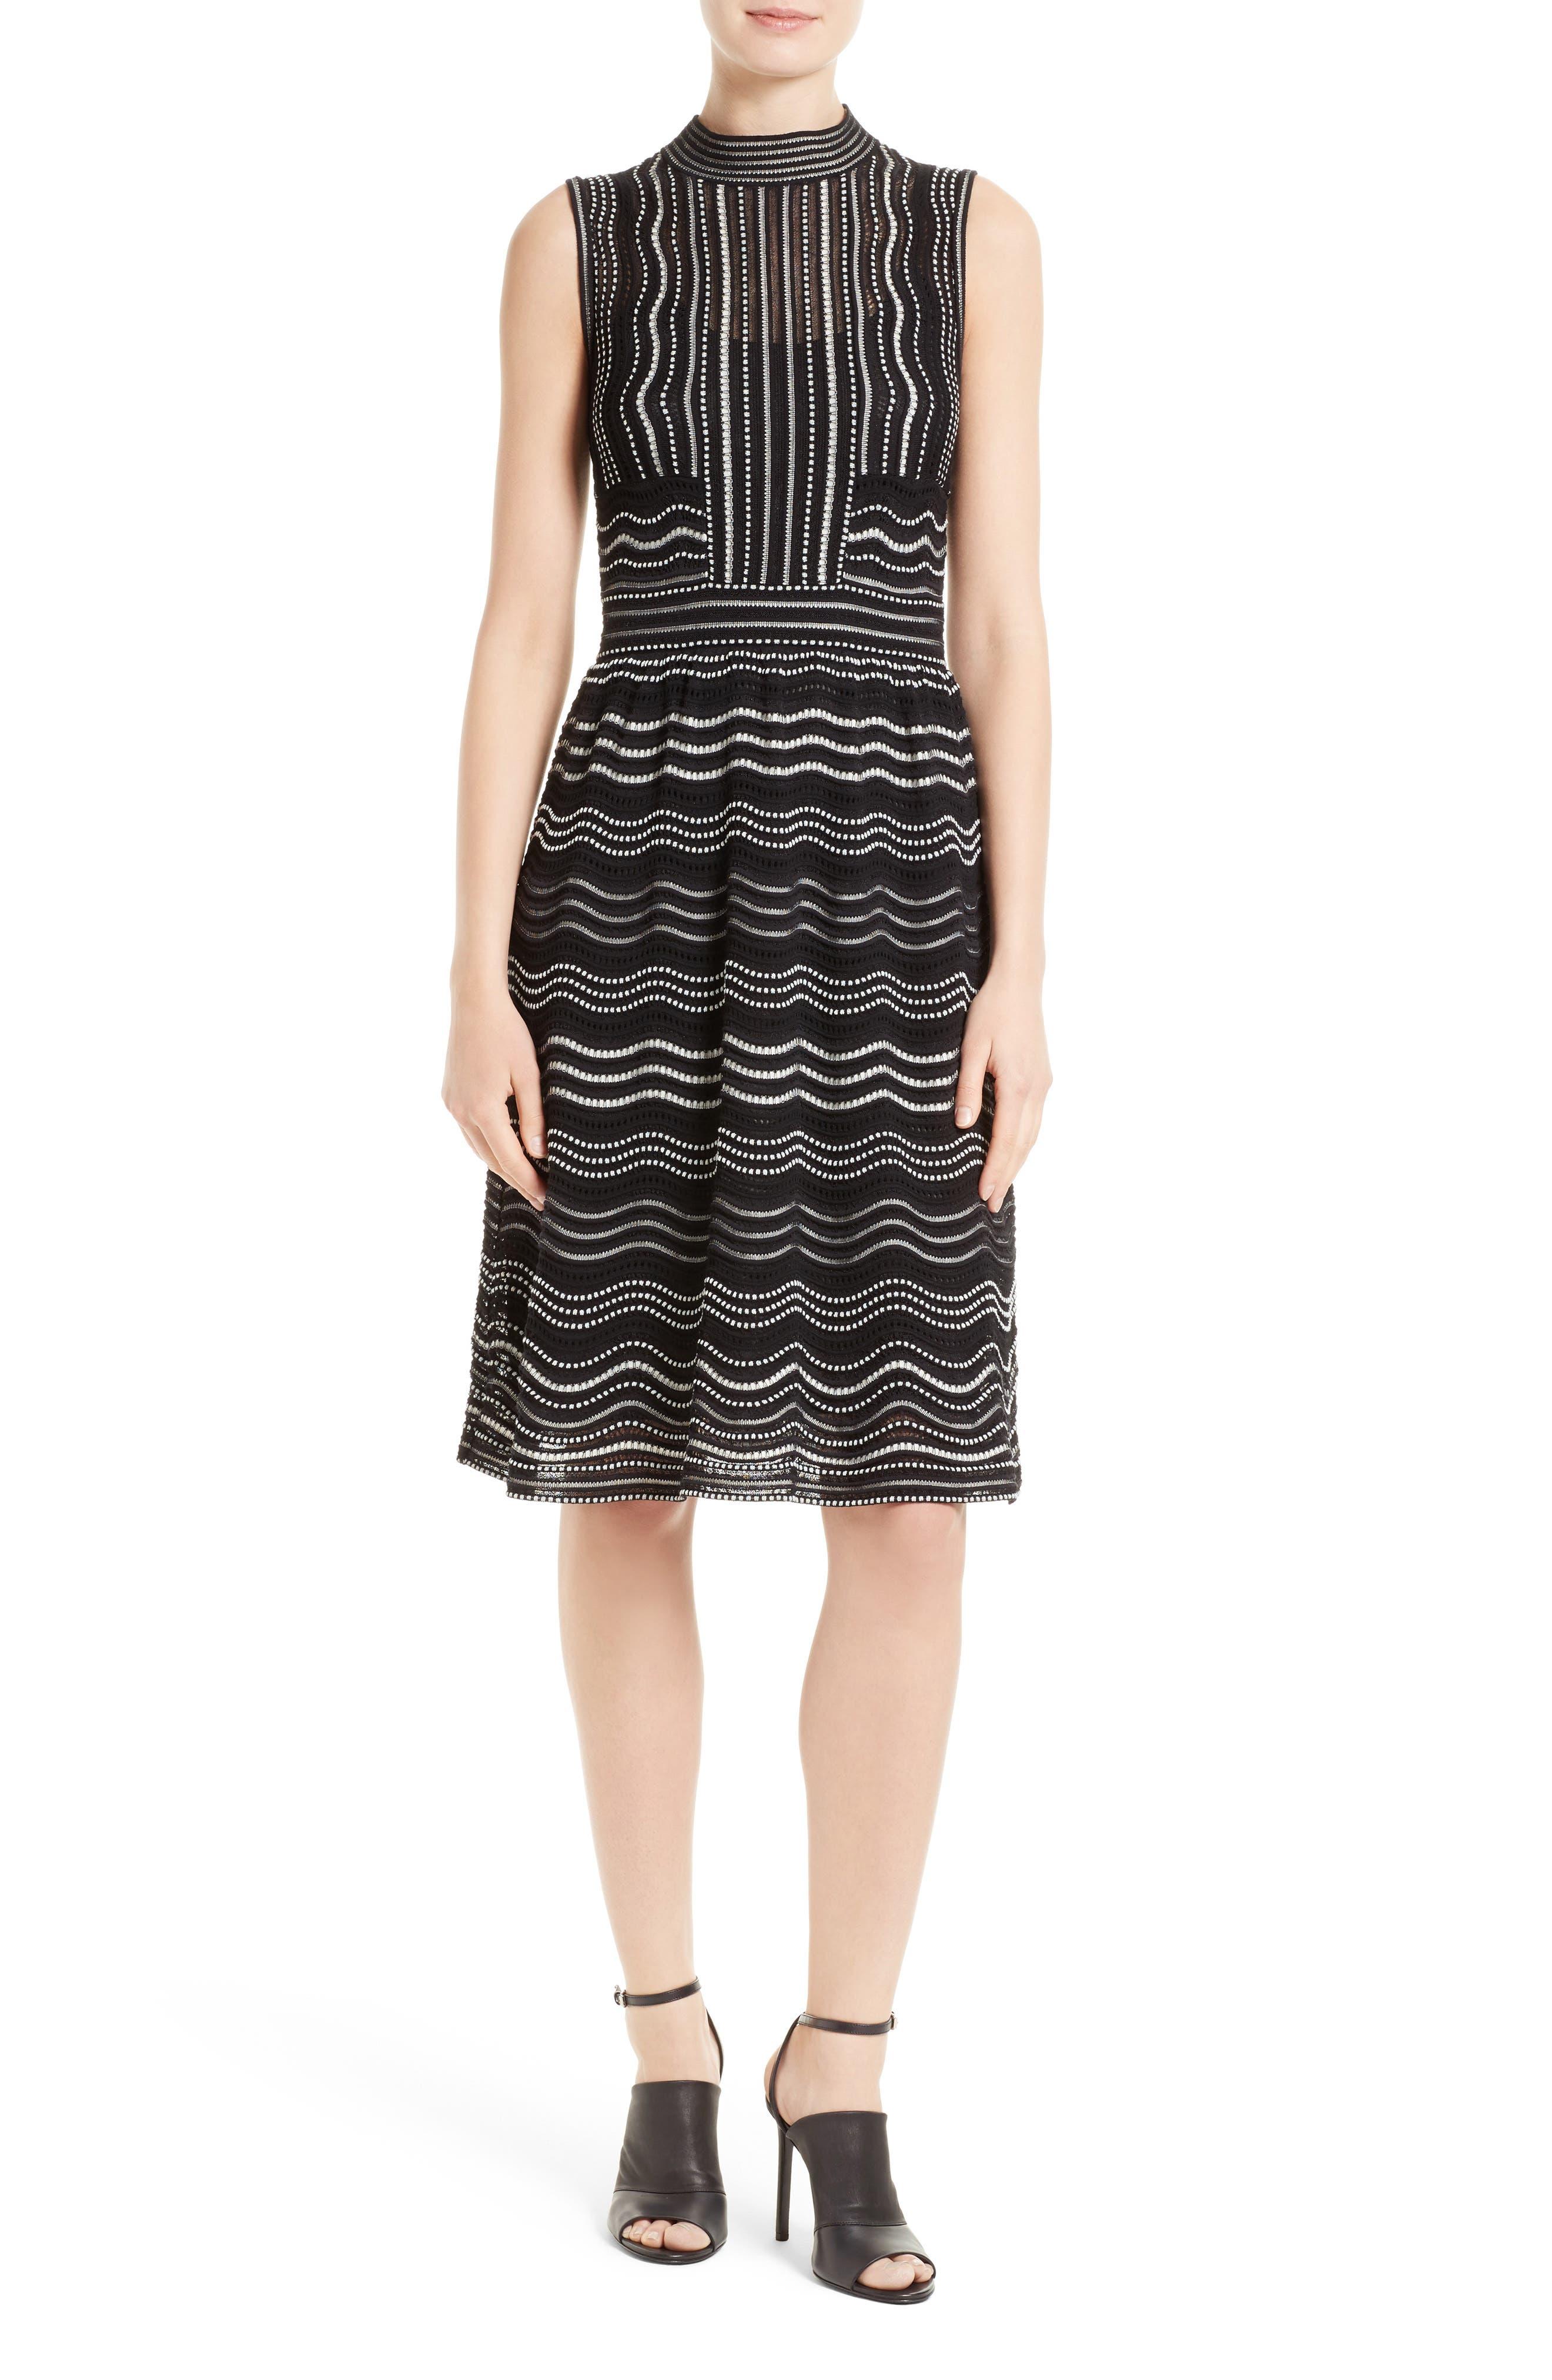 M Missoni Ripple Dot Fit & Flare Dress